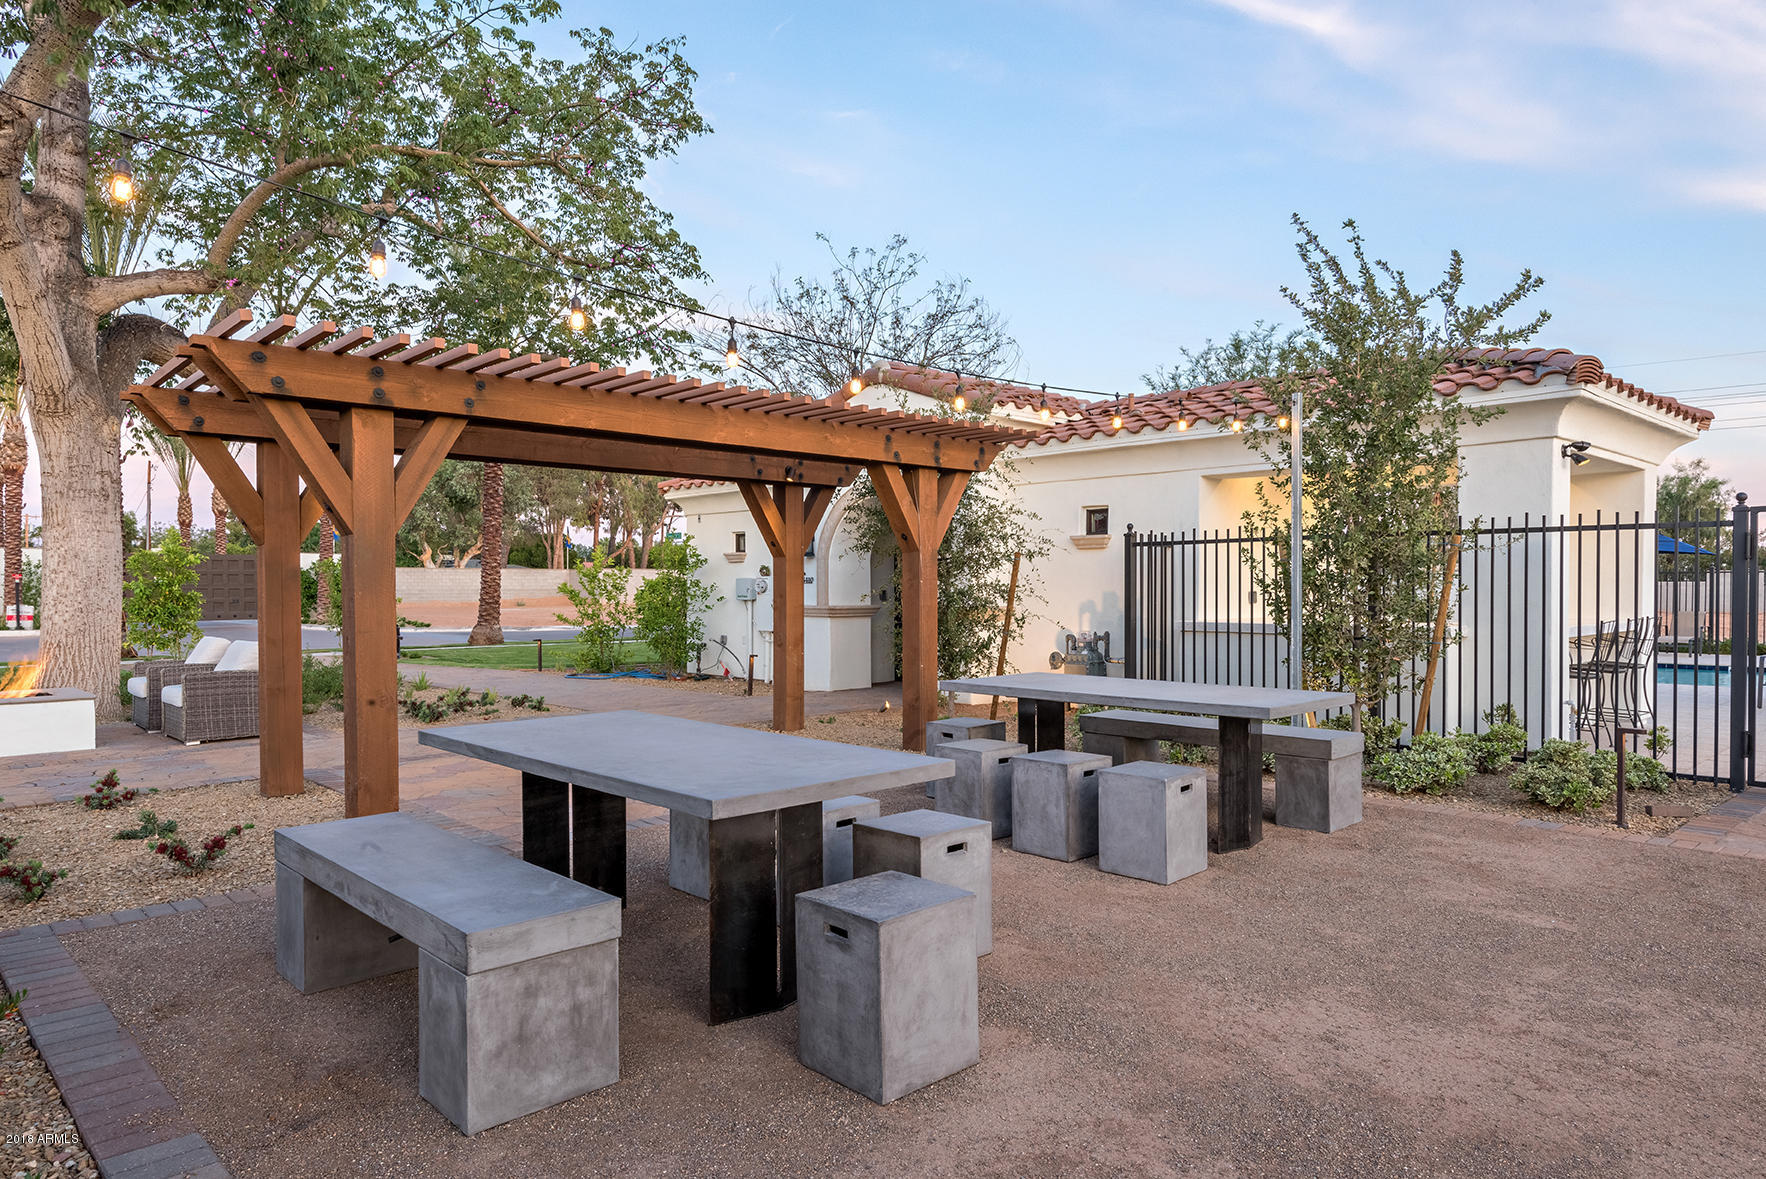 MLS 5767785 3923 E CRITTENDEN Lane, Phoenix, AZ 85018 Phoenix AZ Newly Built